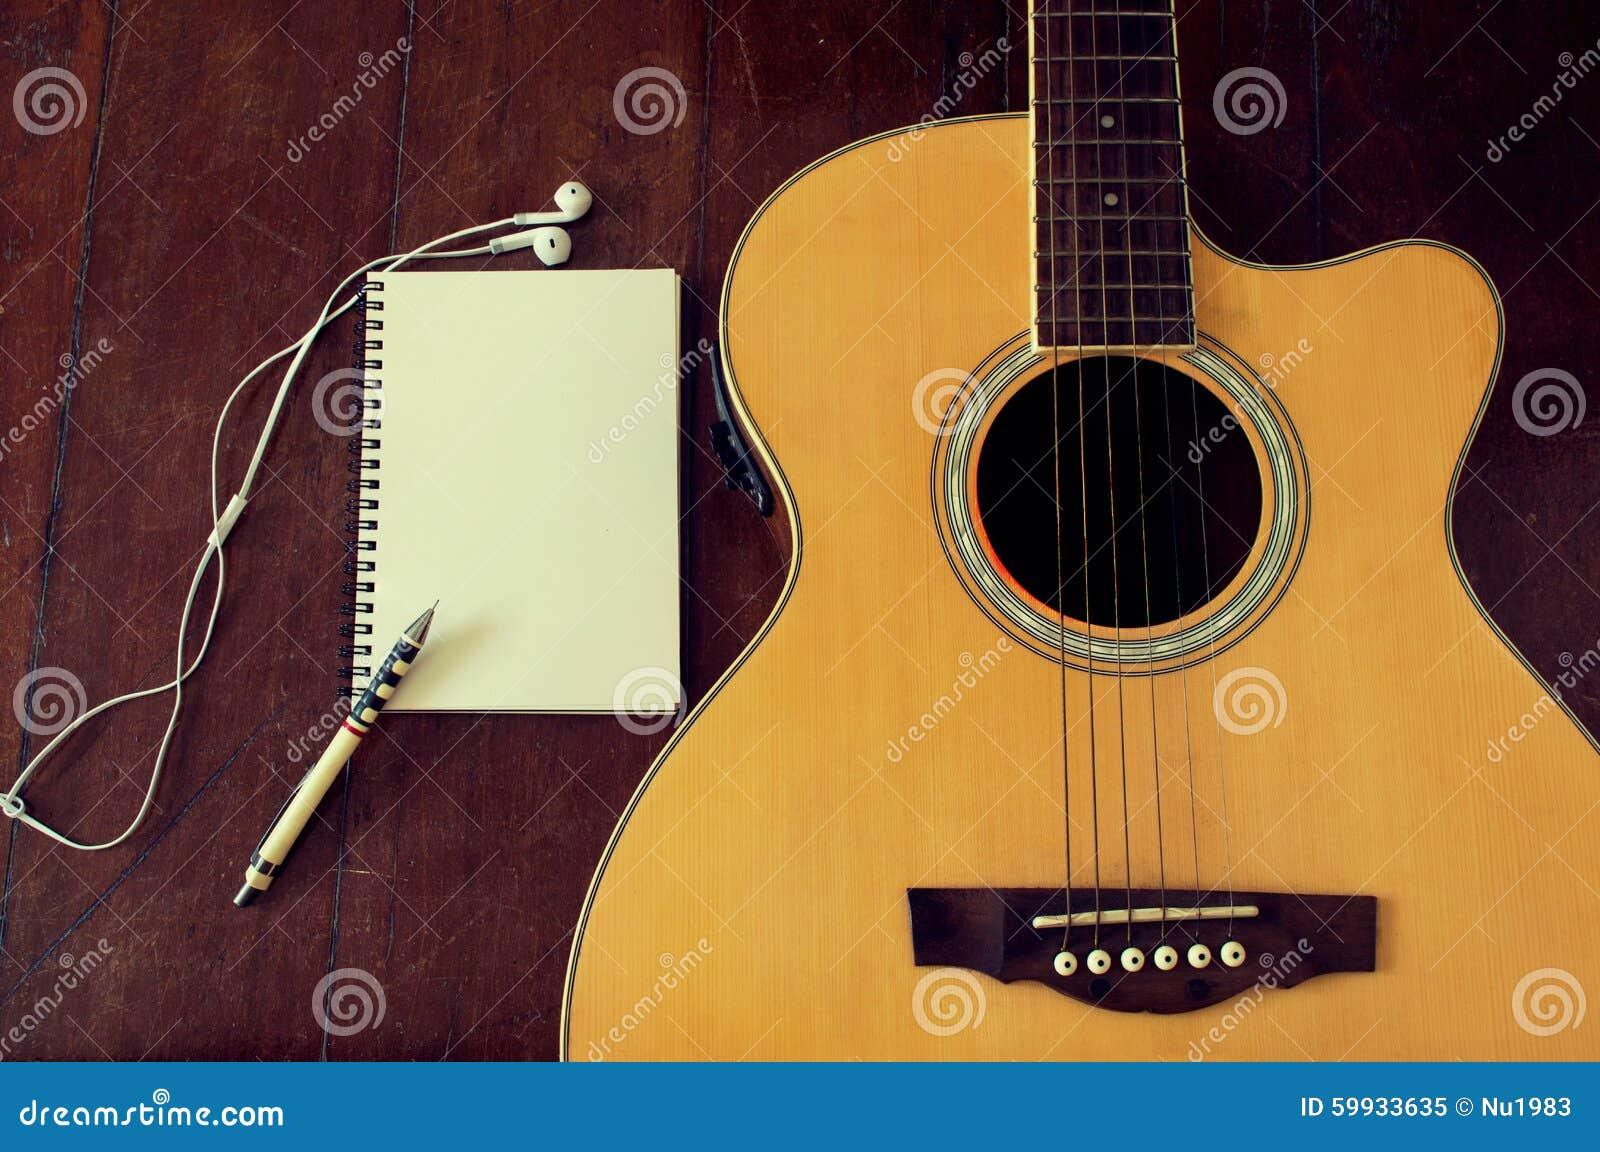 musics influence essay